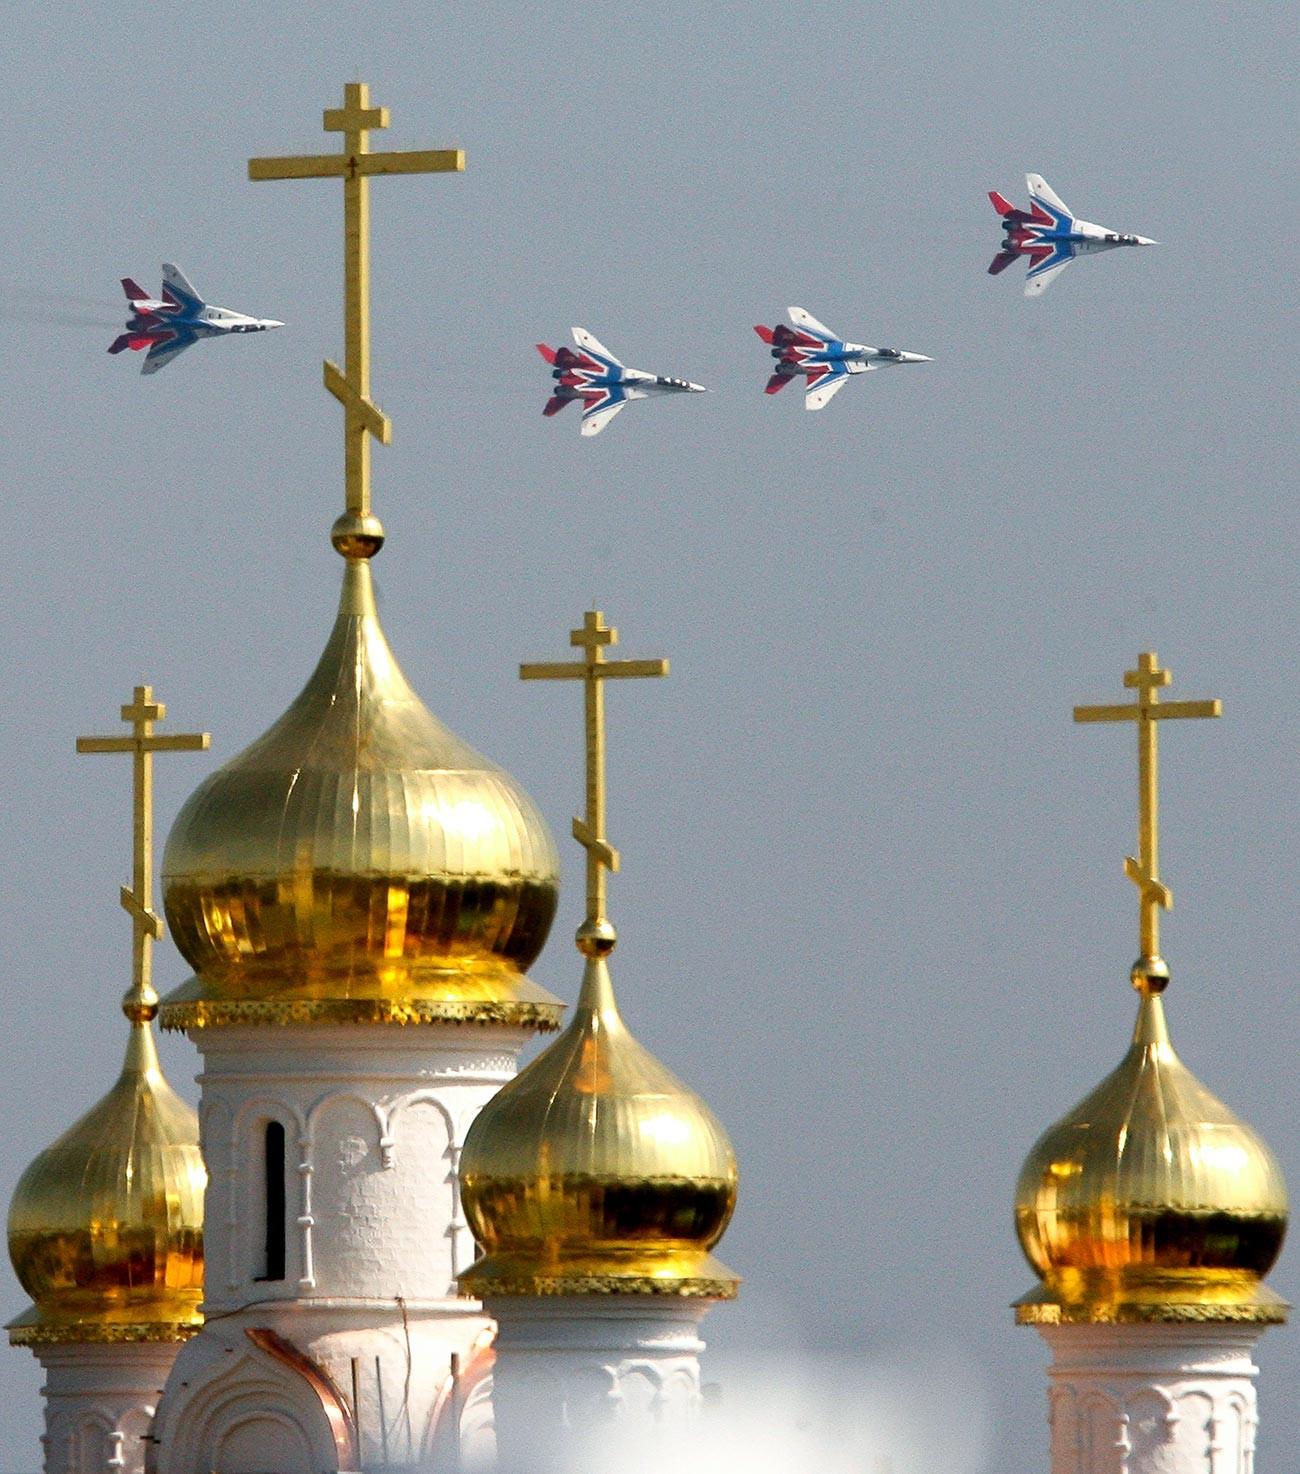 Jet tempur MiG-29 regu aerobatik Strizhi terbang dalam formasi di atas gereja Ortodoks selama pertunjukan udara internasional MAKS 2007 di Zhukovsky.